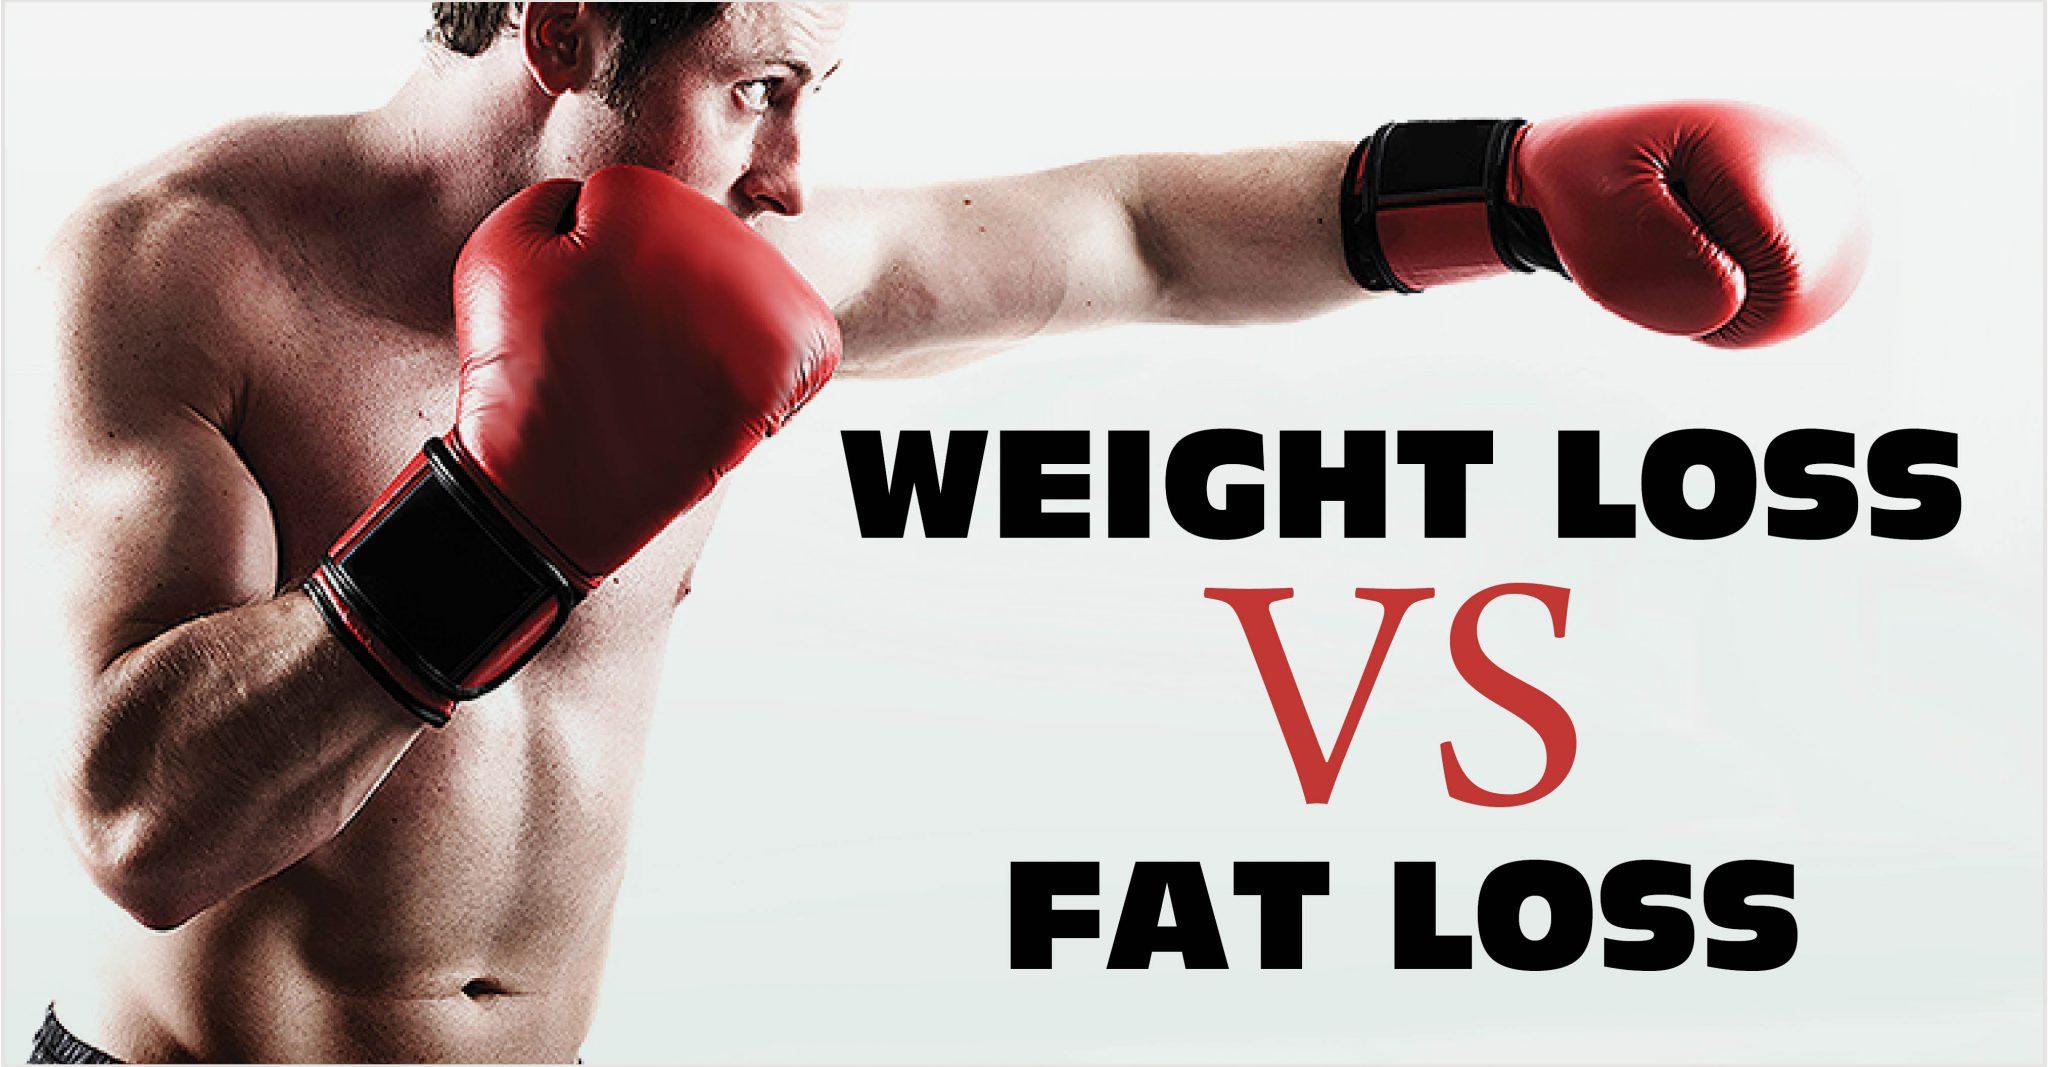 Cum pot să-mi pierd greutatea cu ușurință, Pierzi în greutate într-un mod sănătos și simplu!